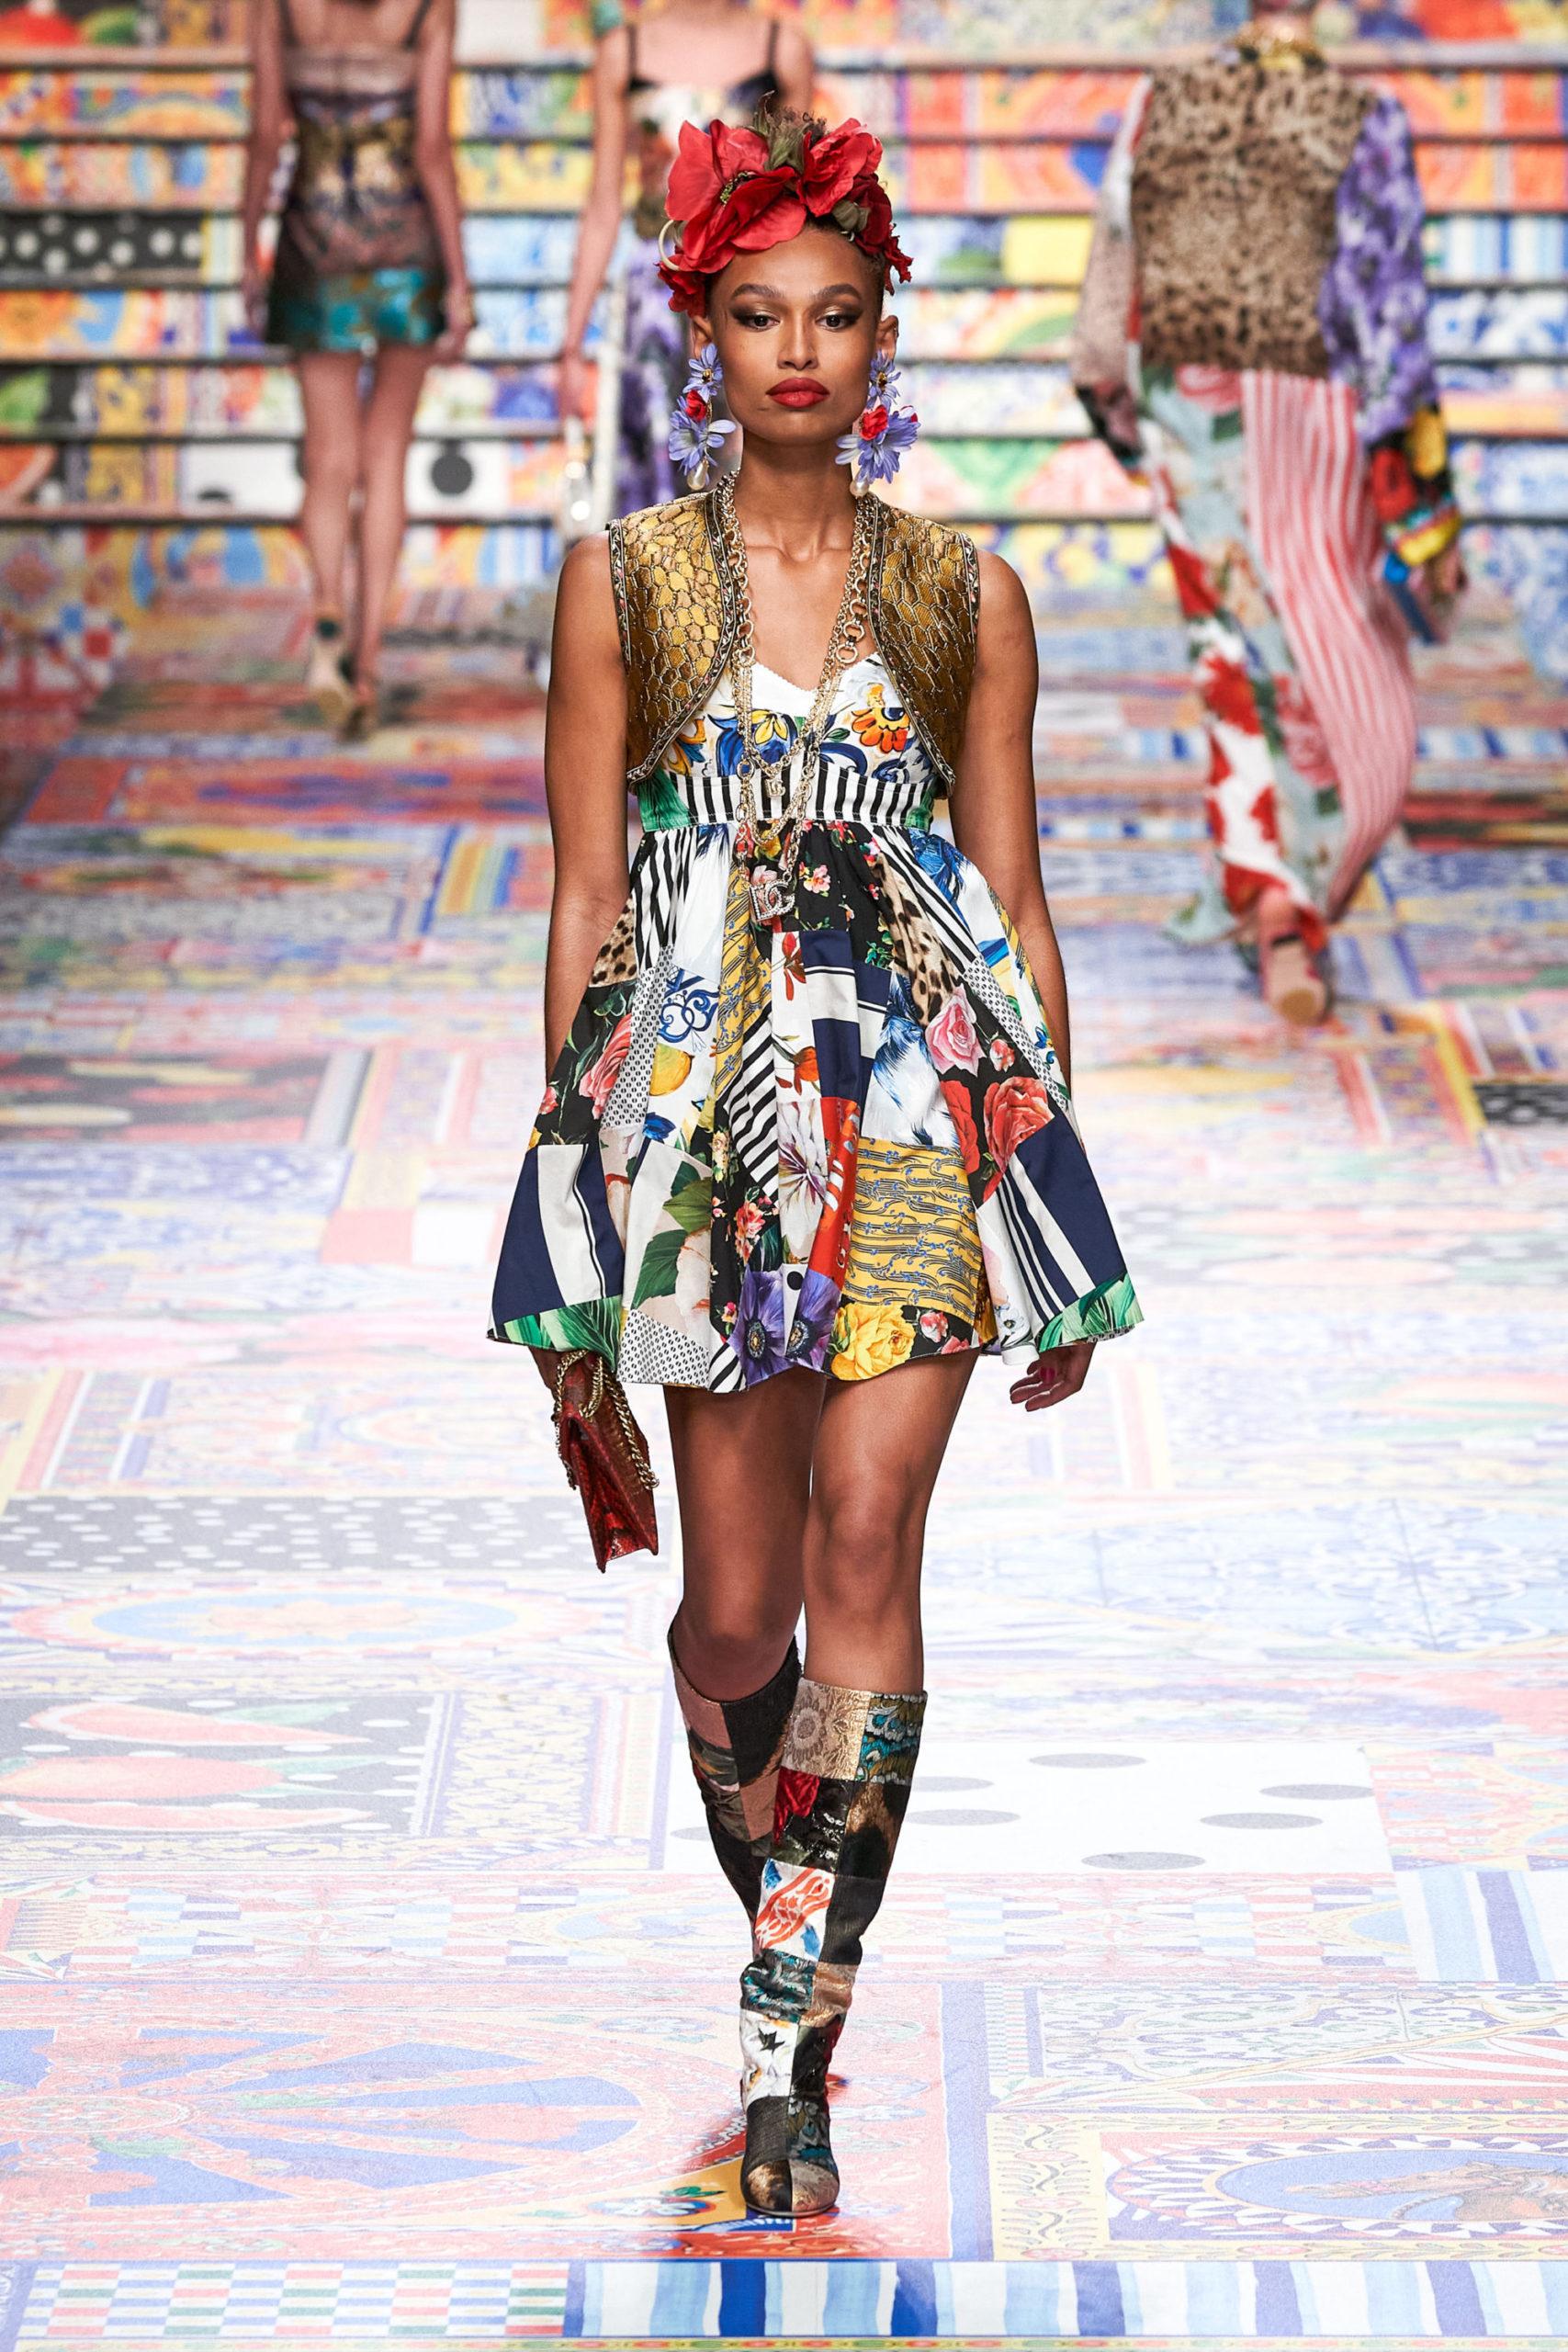 Платье с расклешённой статичной юбкой, платье выпускницы от Dolce & Gabbana модель 2021 года